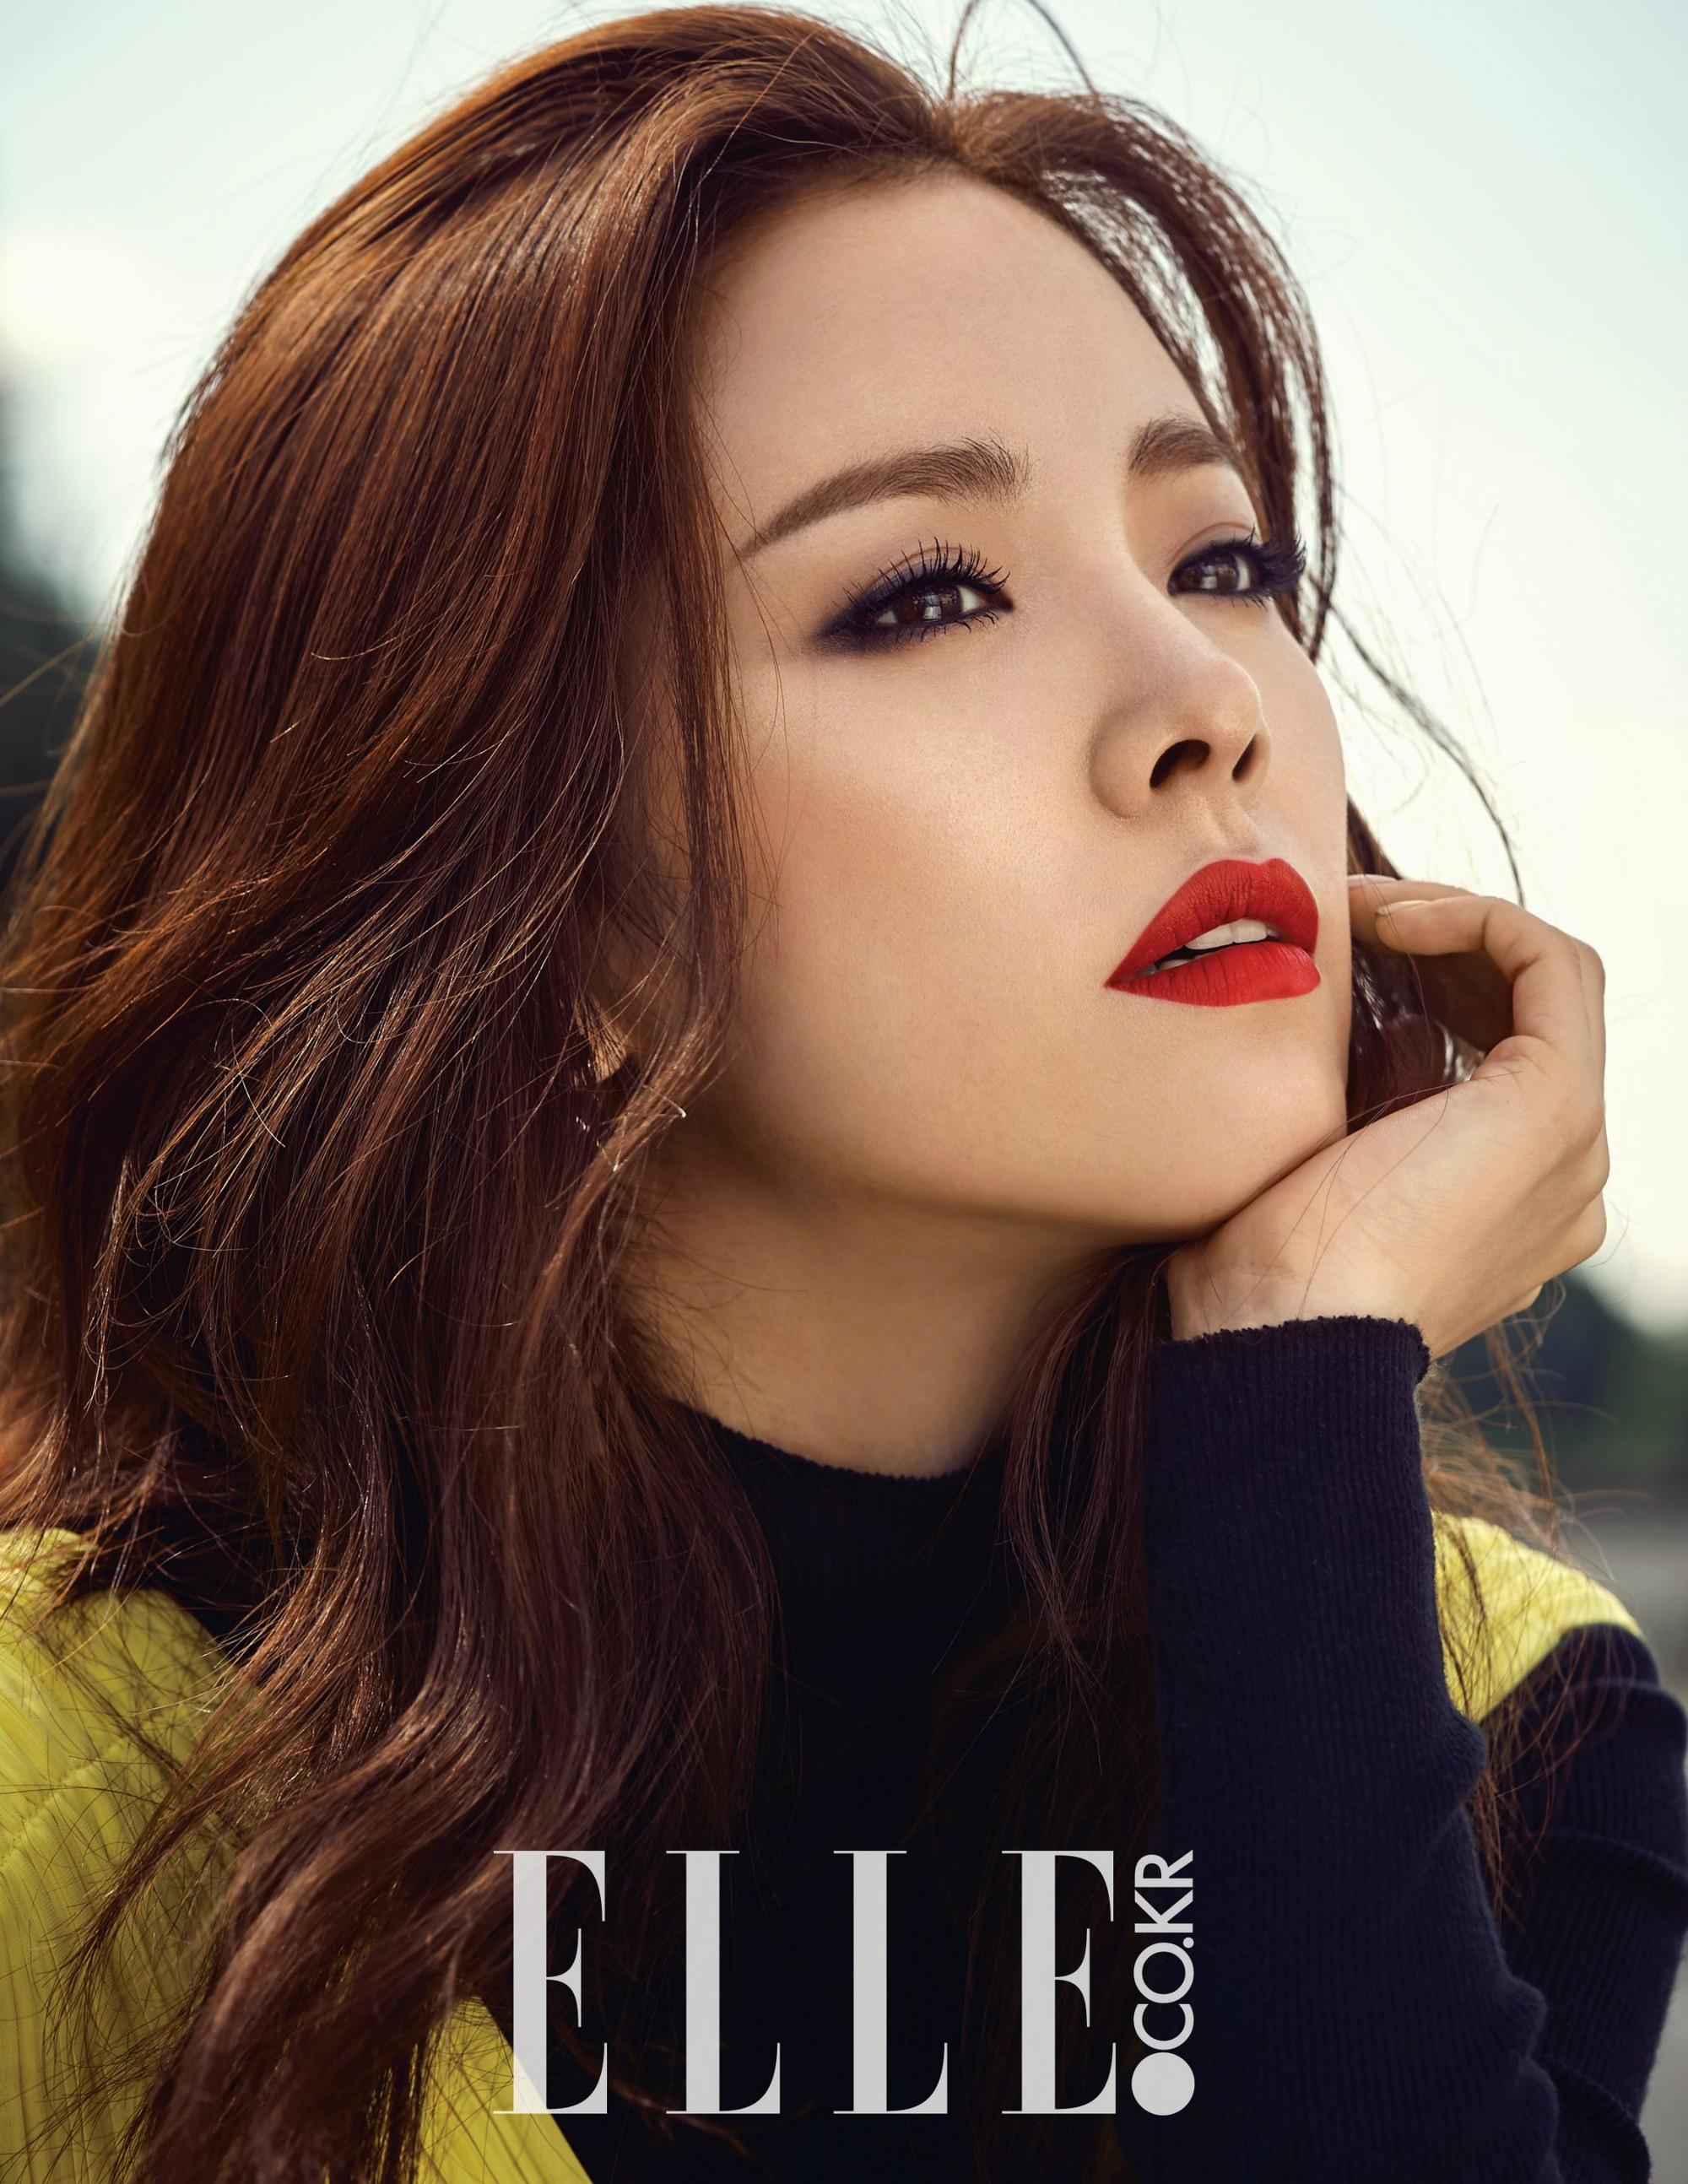 Dàn sao Nàng Dae Jang Geum sau 15 năm: Nữ phụ đổi đời, sao nhí lột xác, Mama Tổng quản ra đi vì ung thư - Ảnh 17.